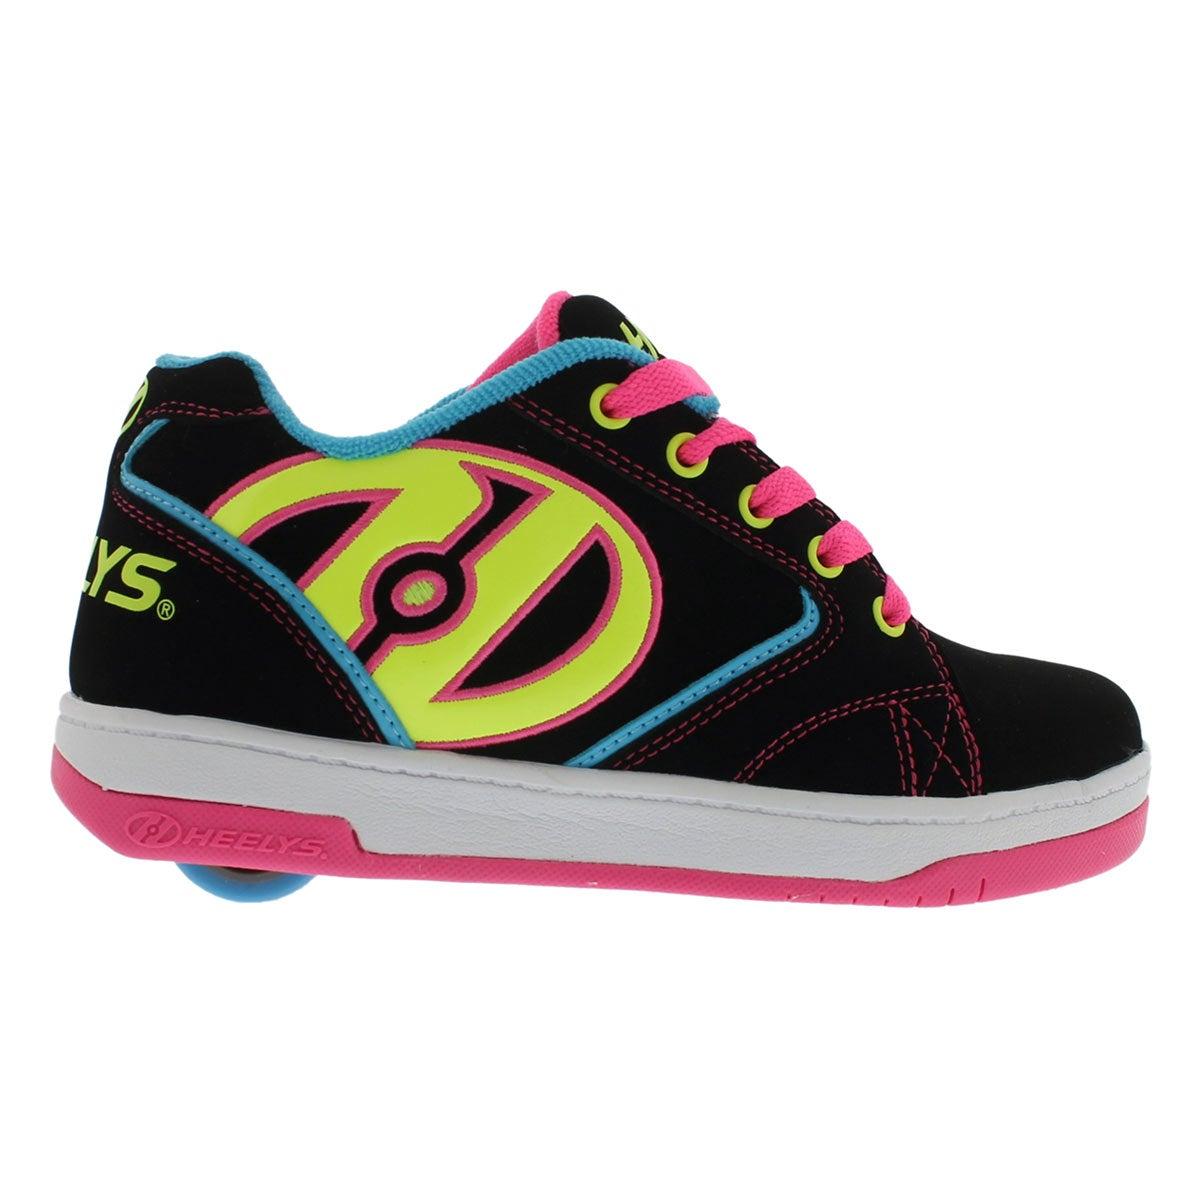 Grls Propel blk/multi skate sneaker